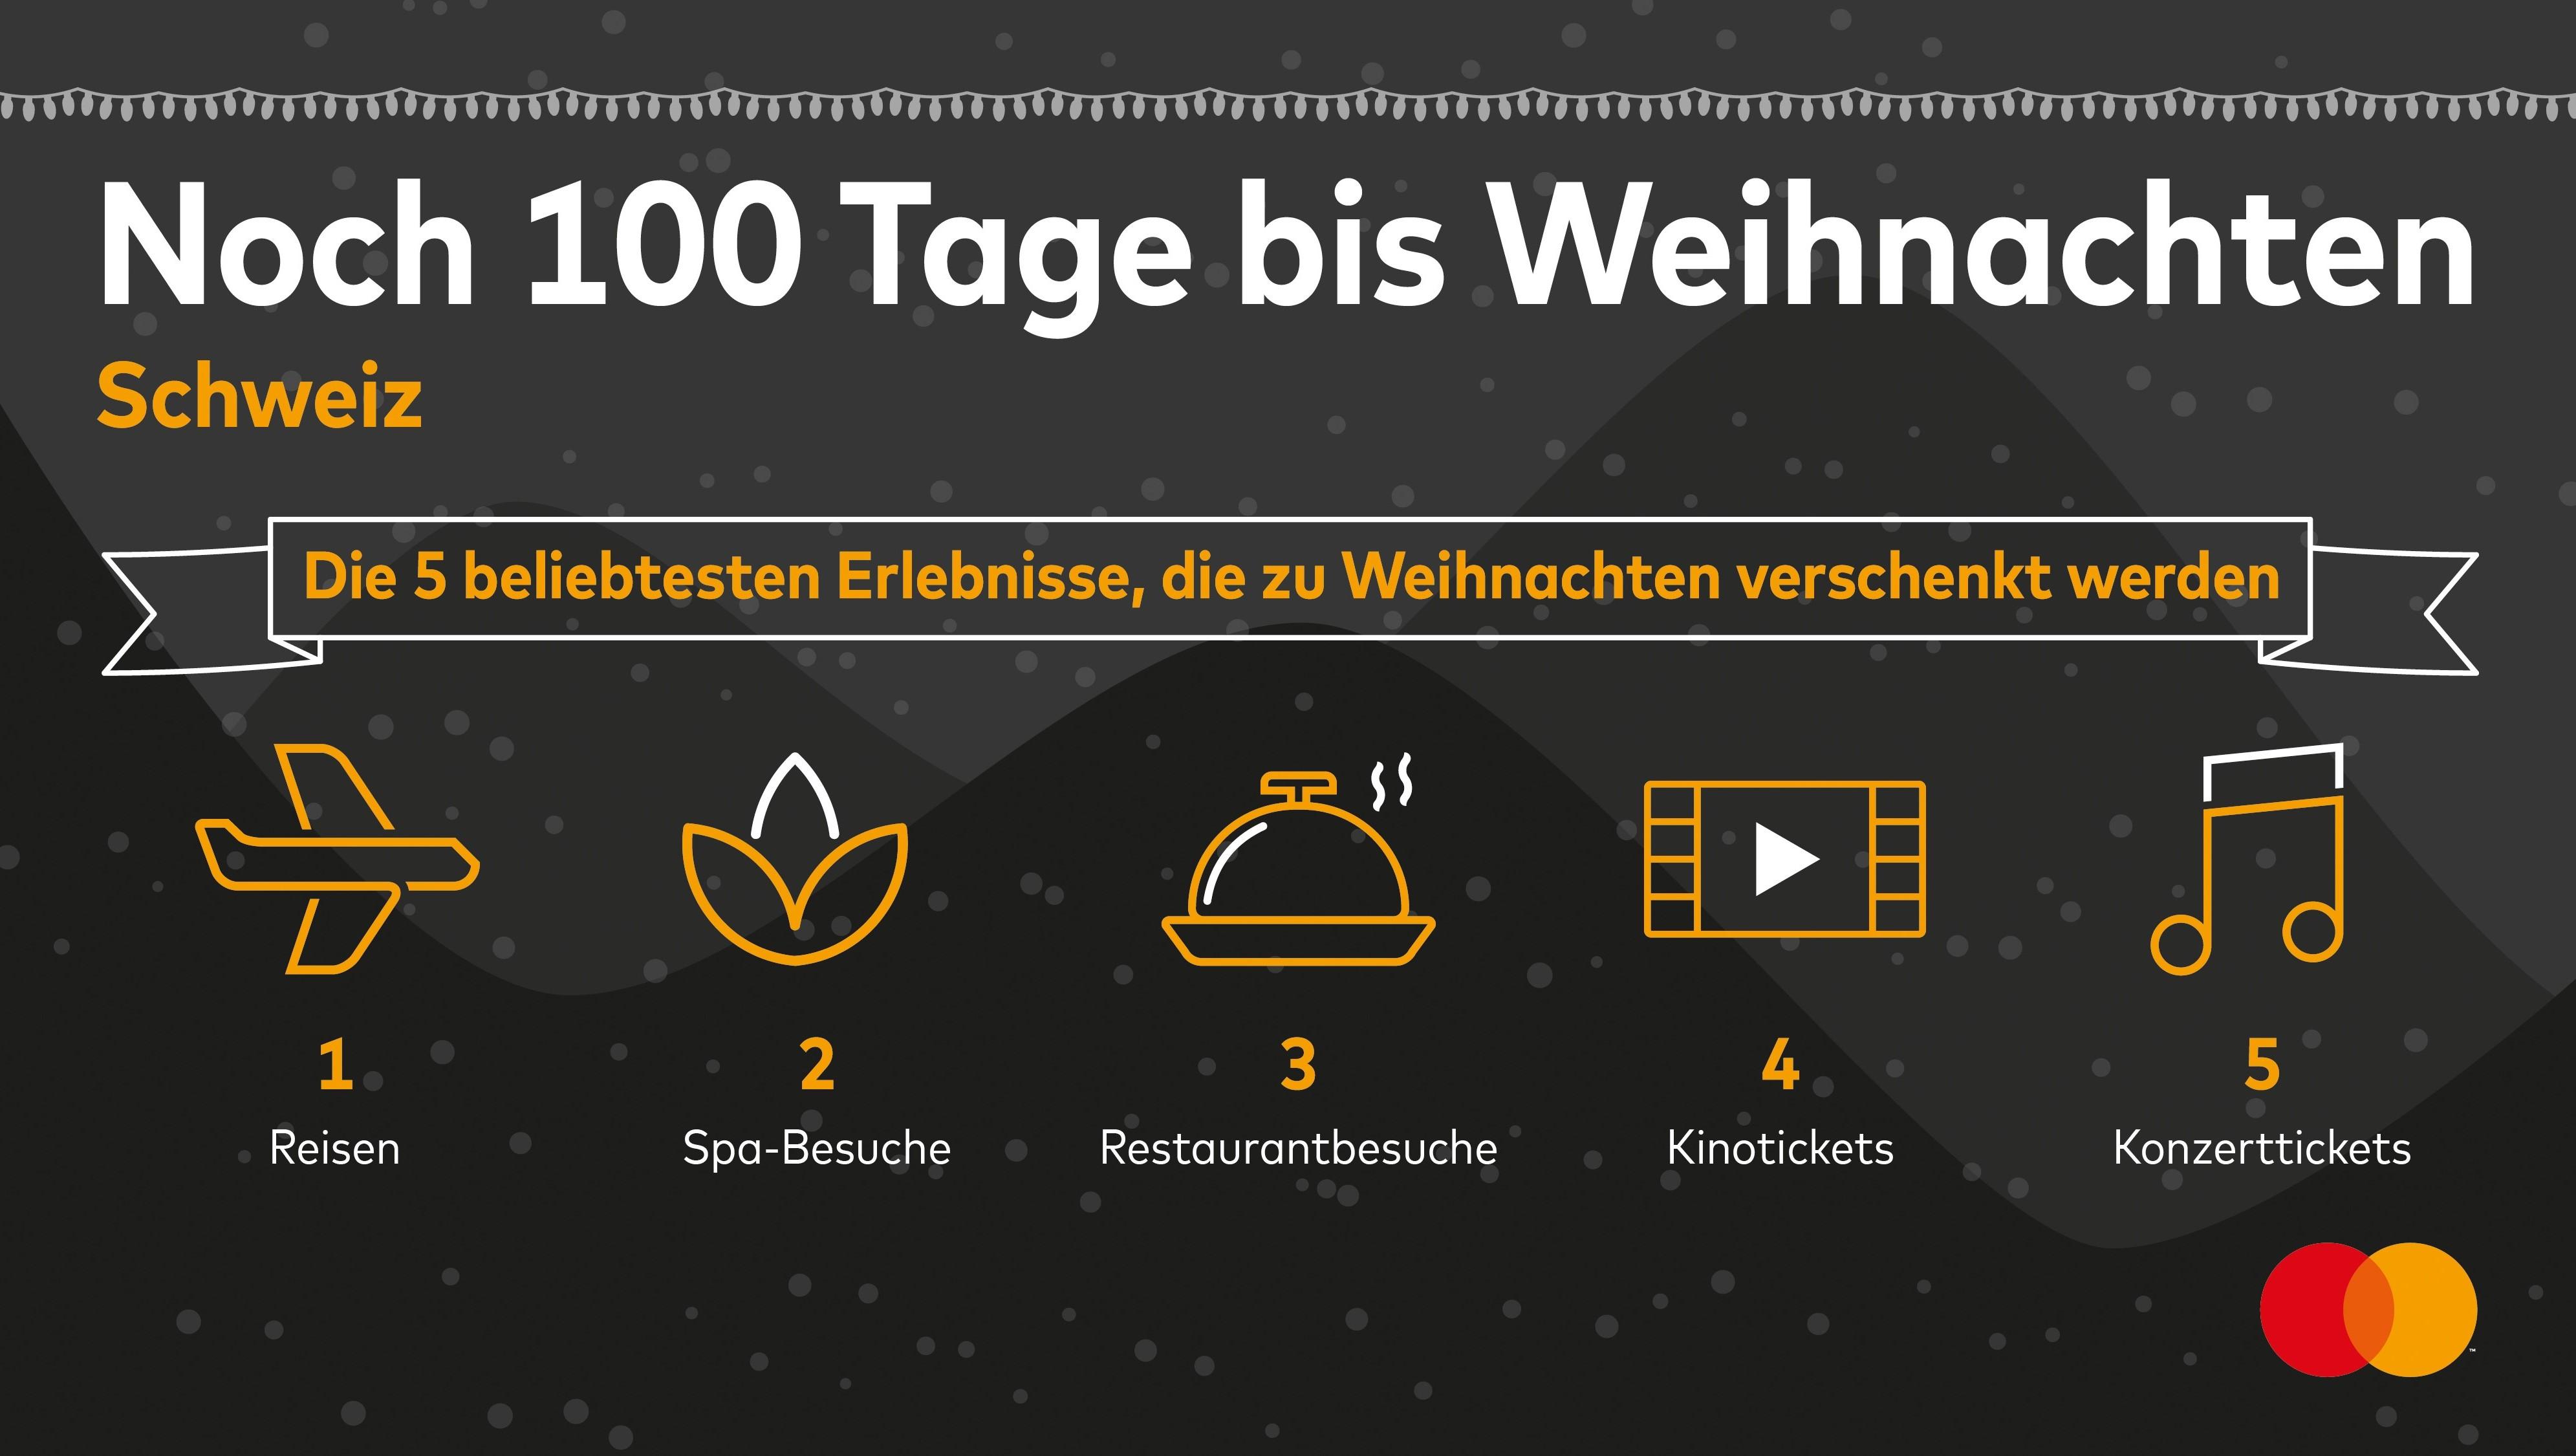 Tage Bis Weihnachten.Noch 100 Tage Bis Weihnachten Schweizer Starten Ihre